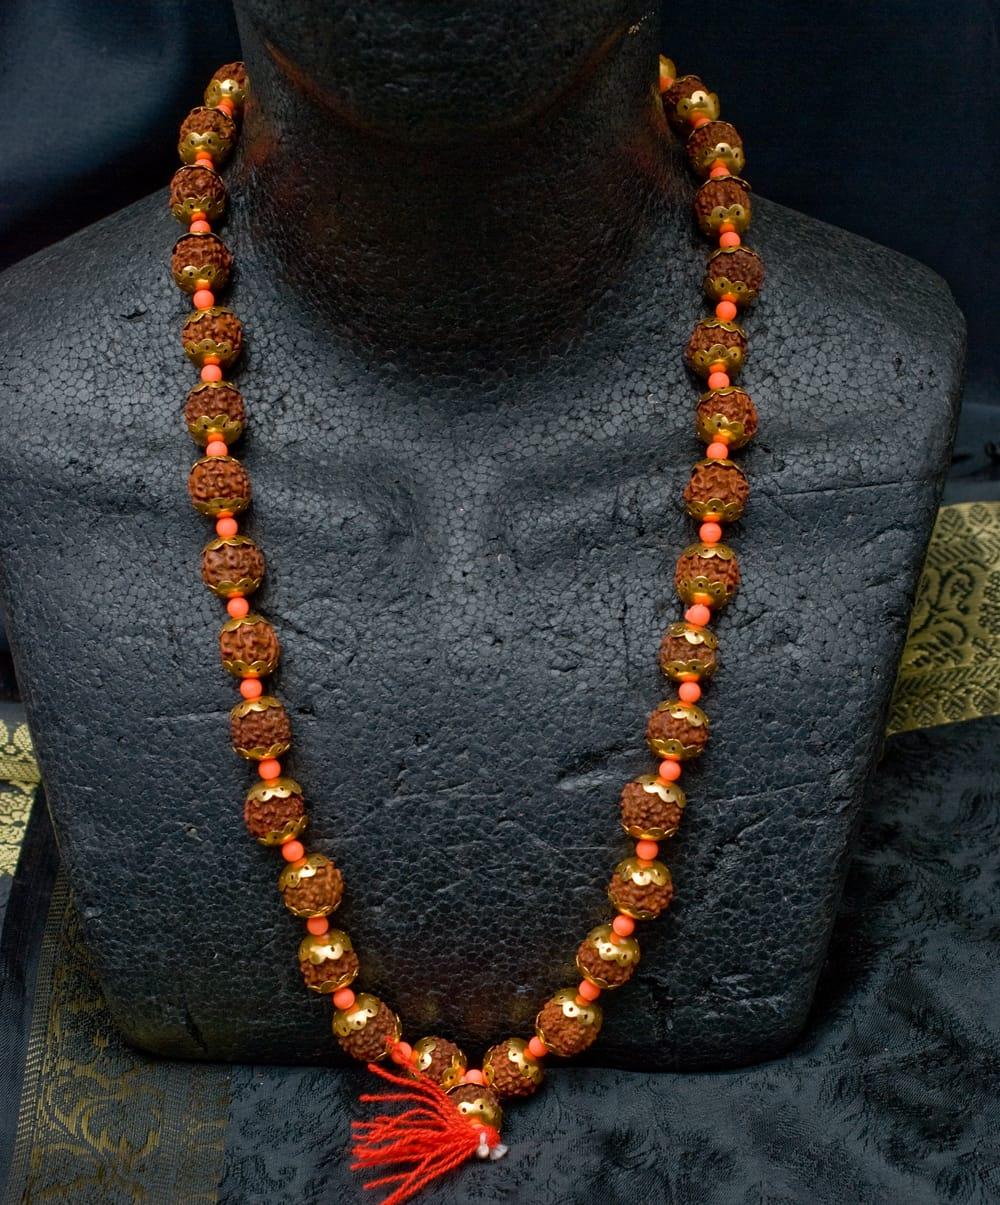 金色の菩提樹の数珠-約35cm程度 5 - 首にかけるとこのような感じになります